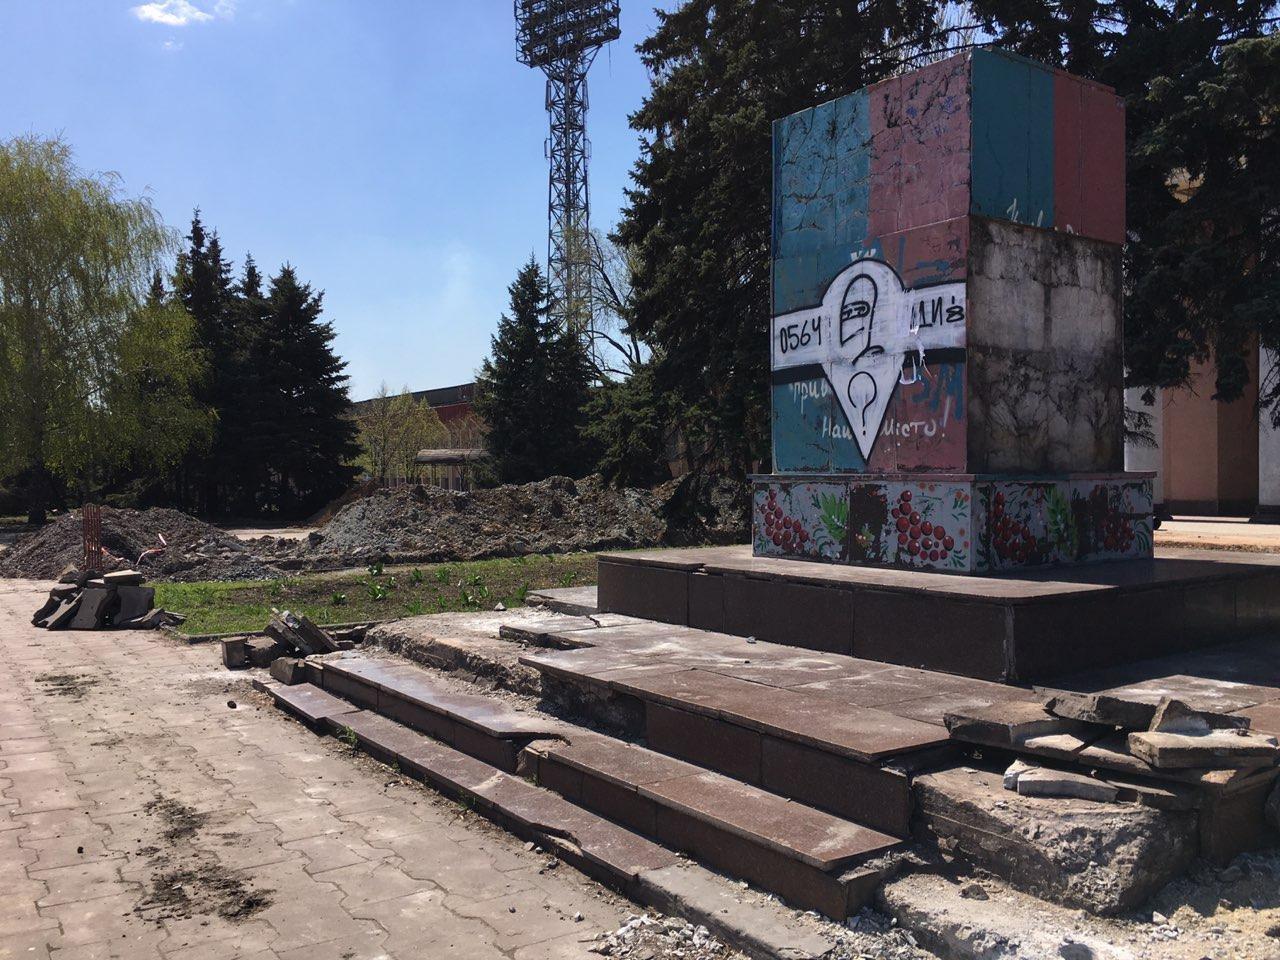 В Кривом Роге на миллион отремонтируют парк, где через 4 недели пройдет Еврофест, - ФОТО